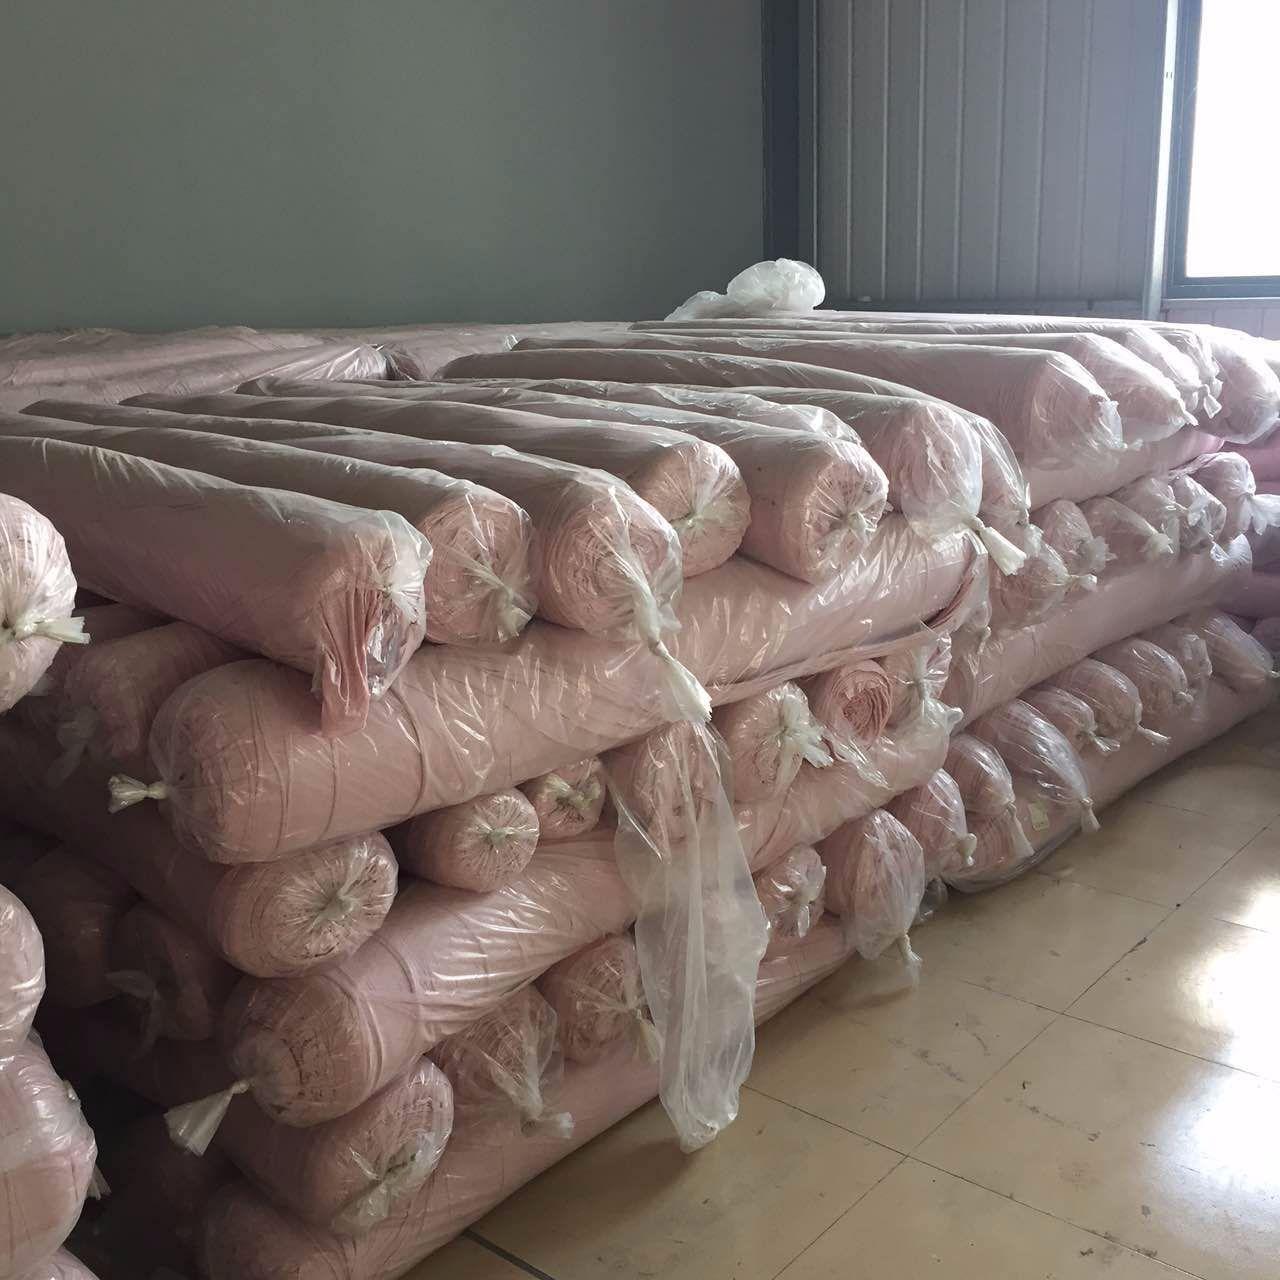 专业收购库存布料及衣服18888706648